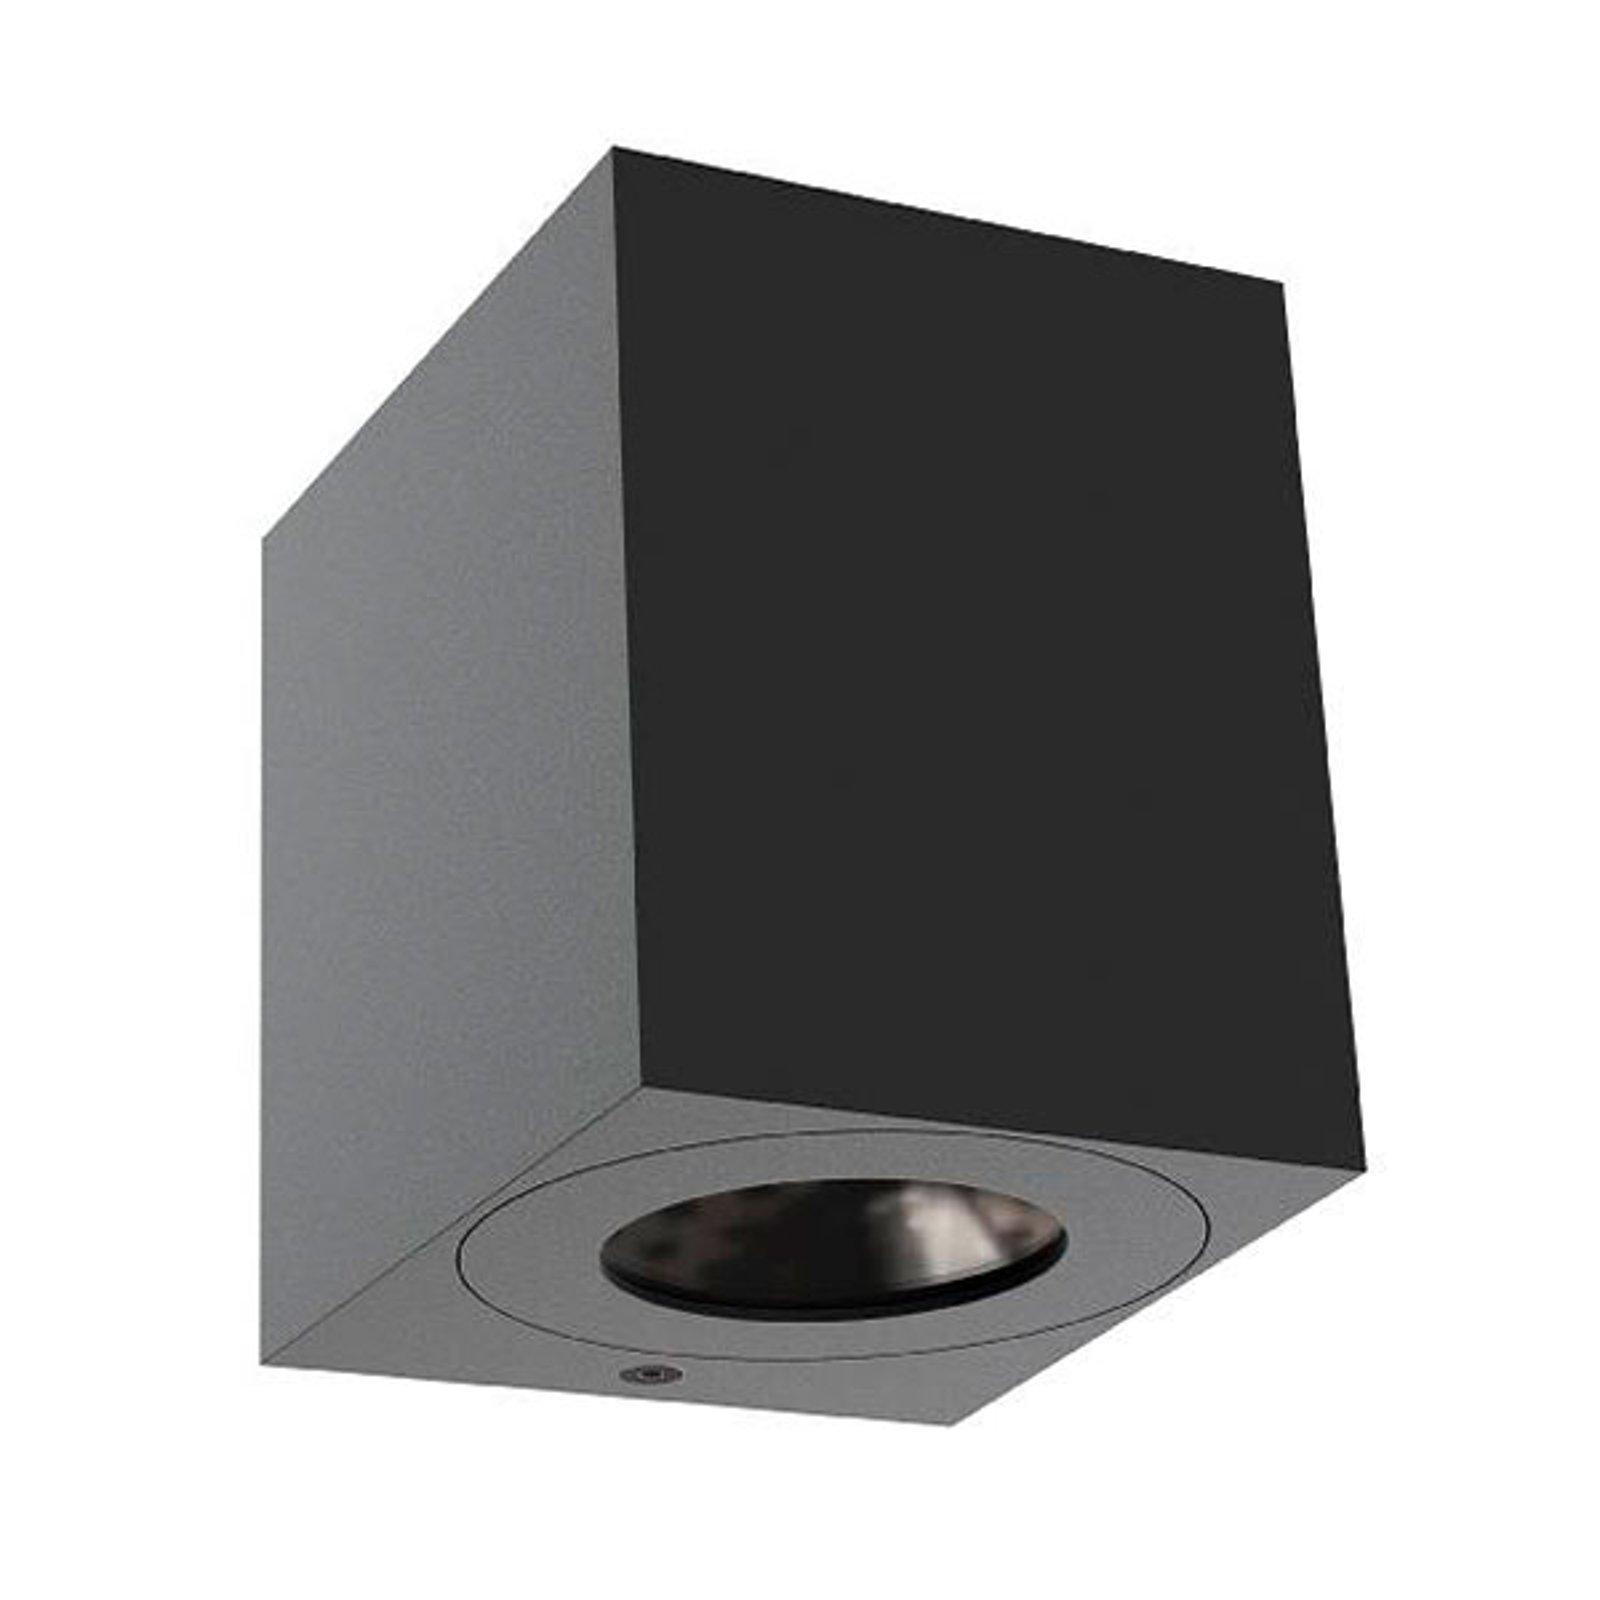 Utendørs LED-vegglampe Canto Kubi 2, 10 cm, svart